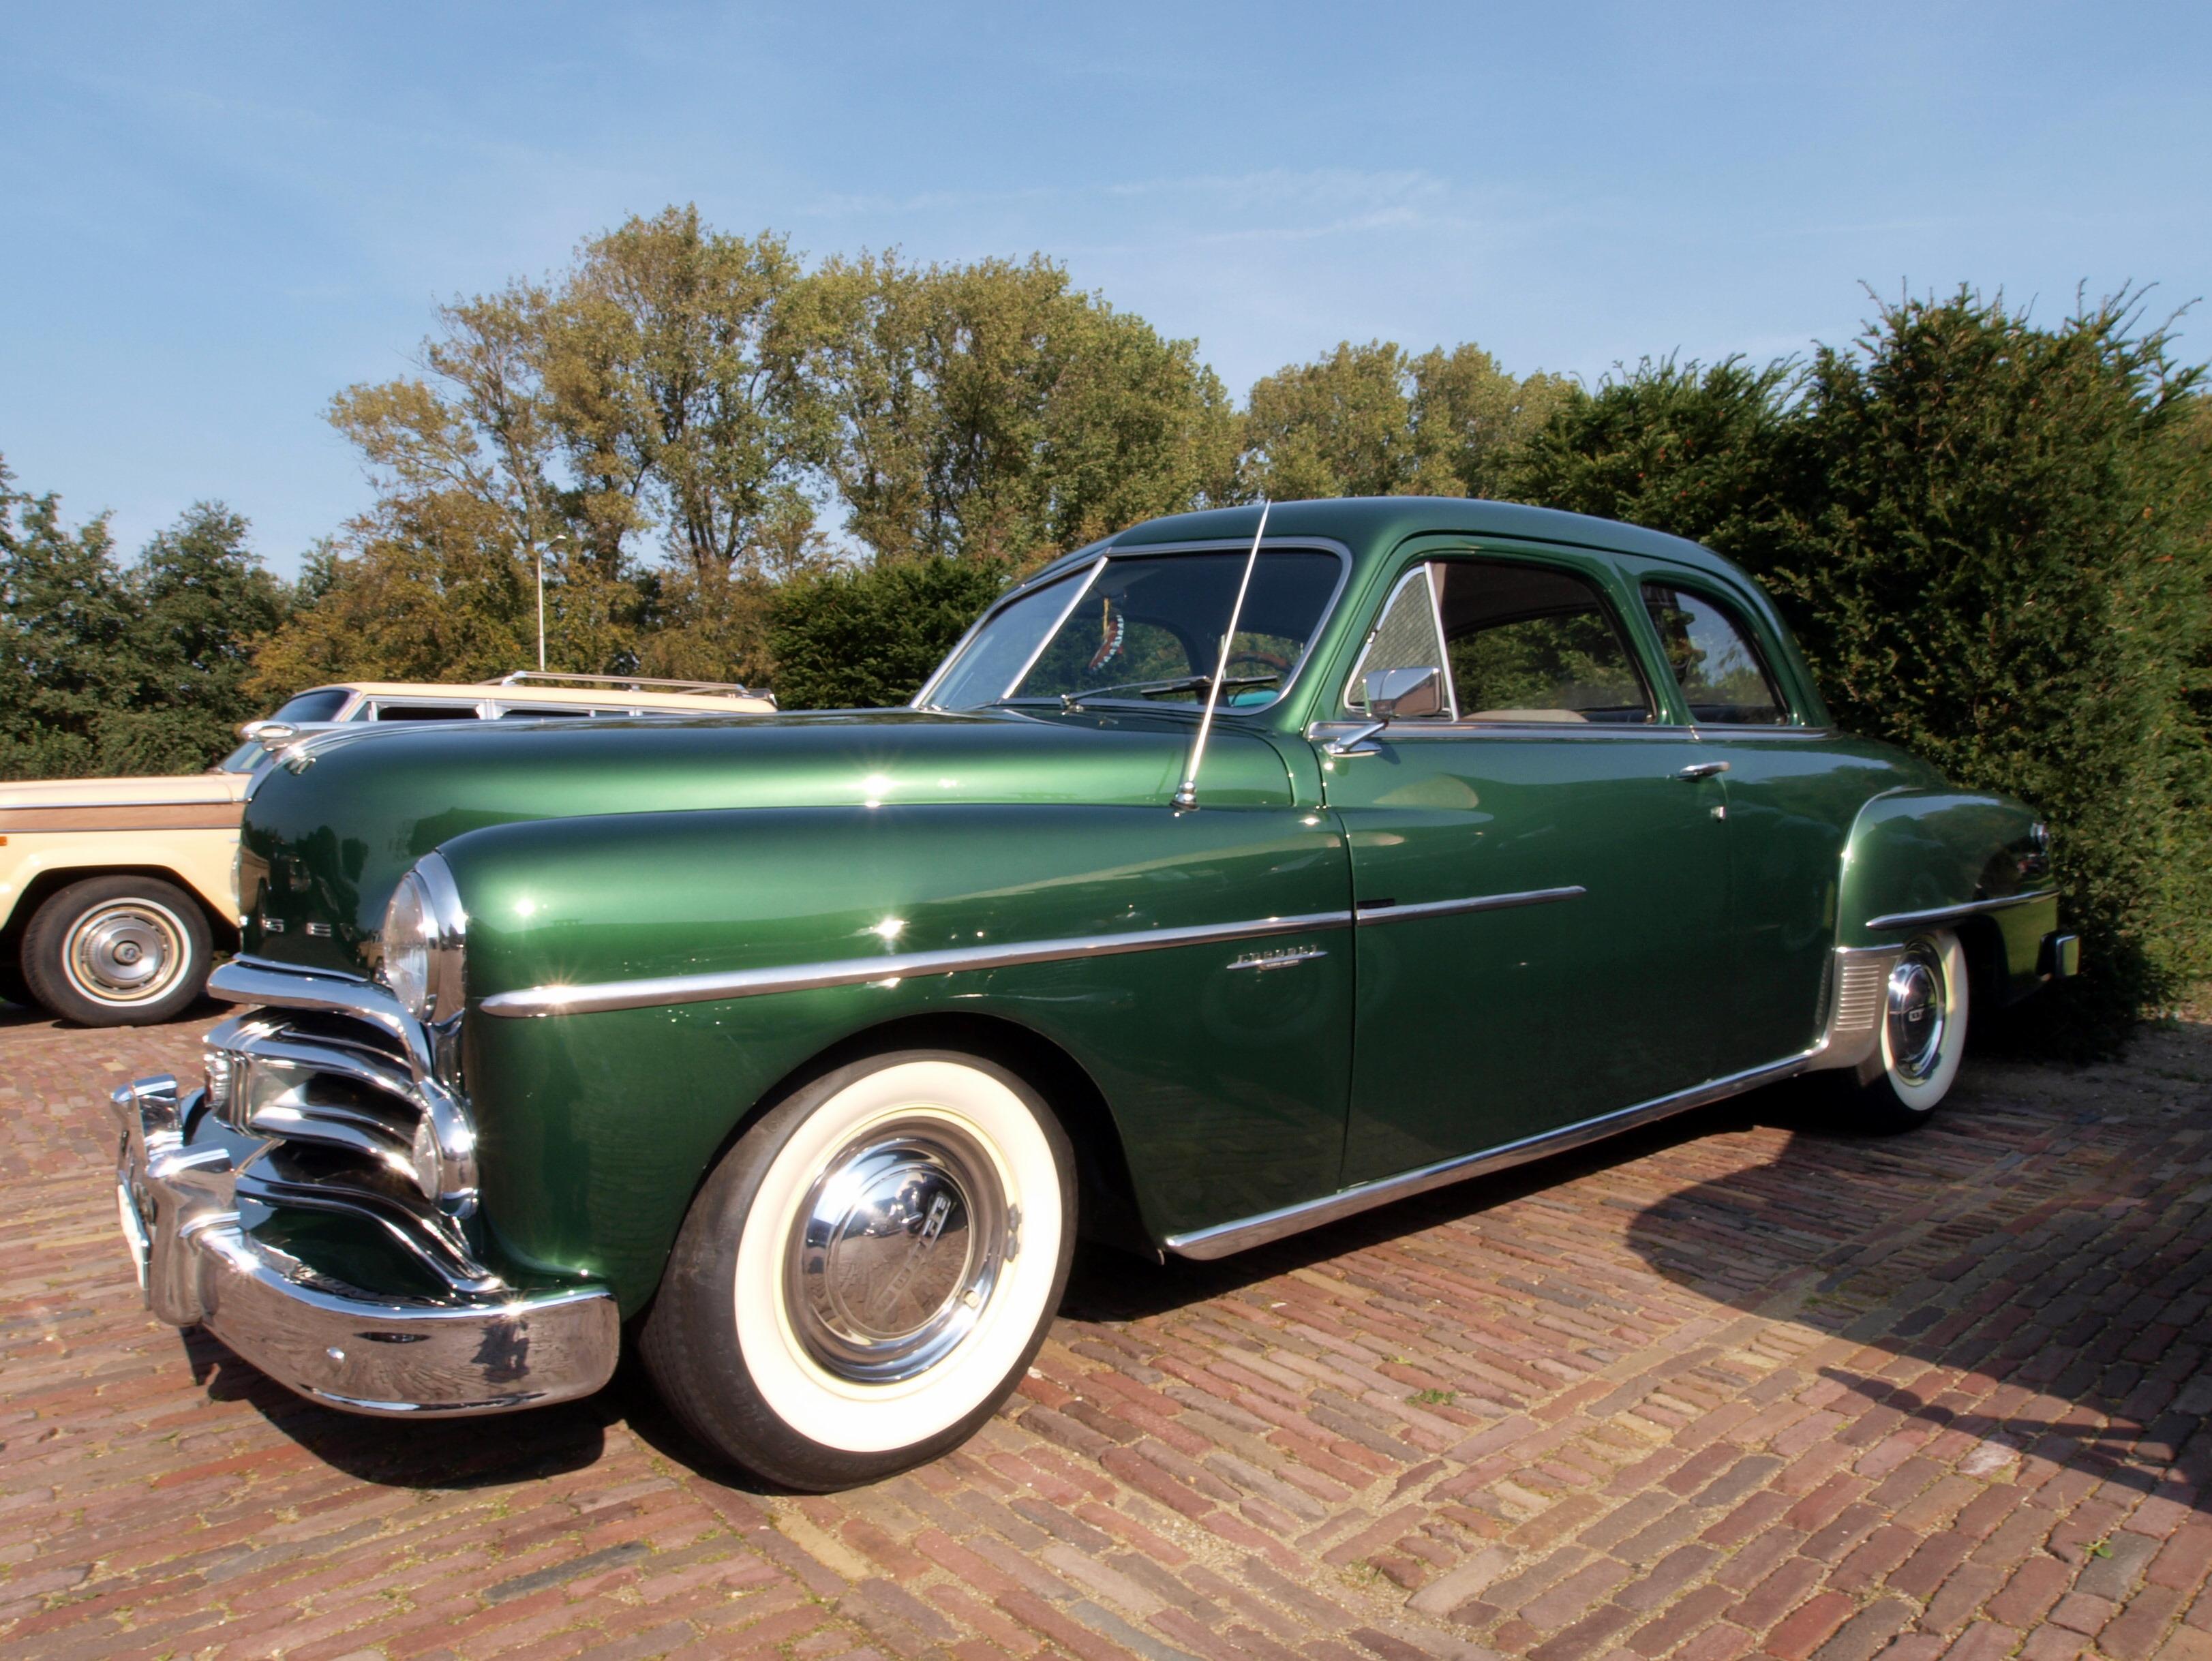 Pin dodge 1950 coronet 4door sedan the history of cars for 1950 dodge coronet 2 door